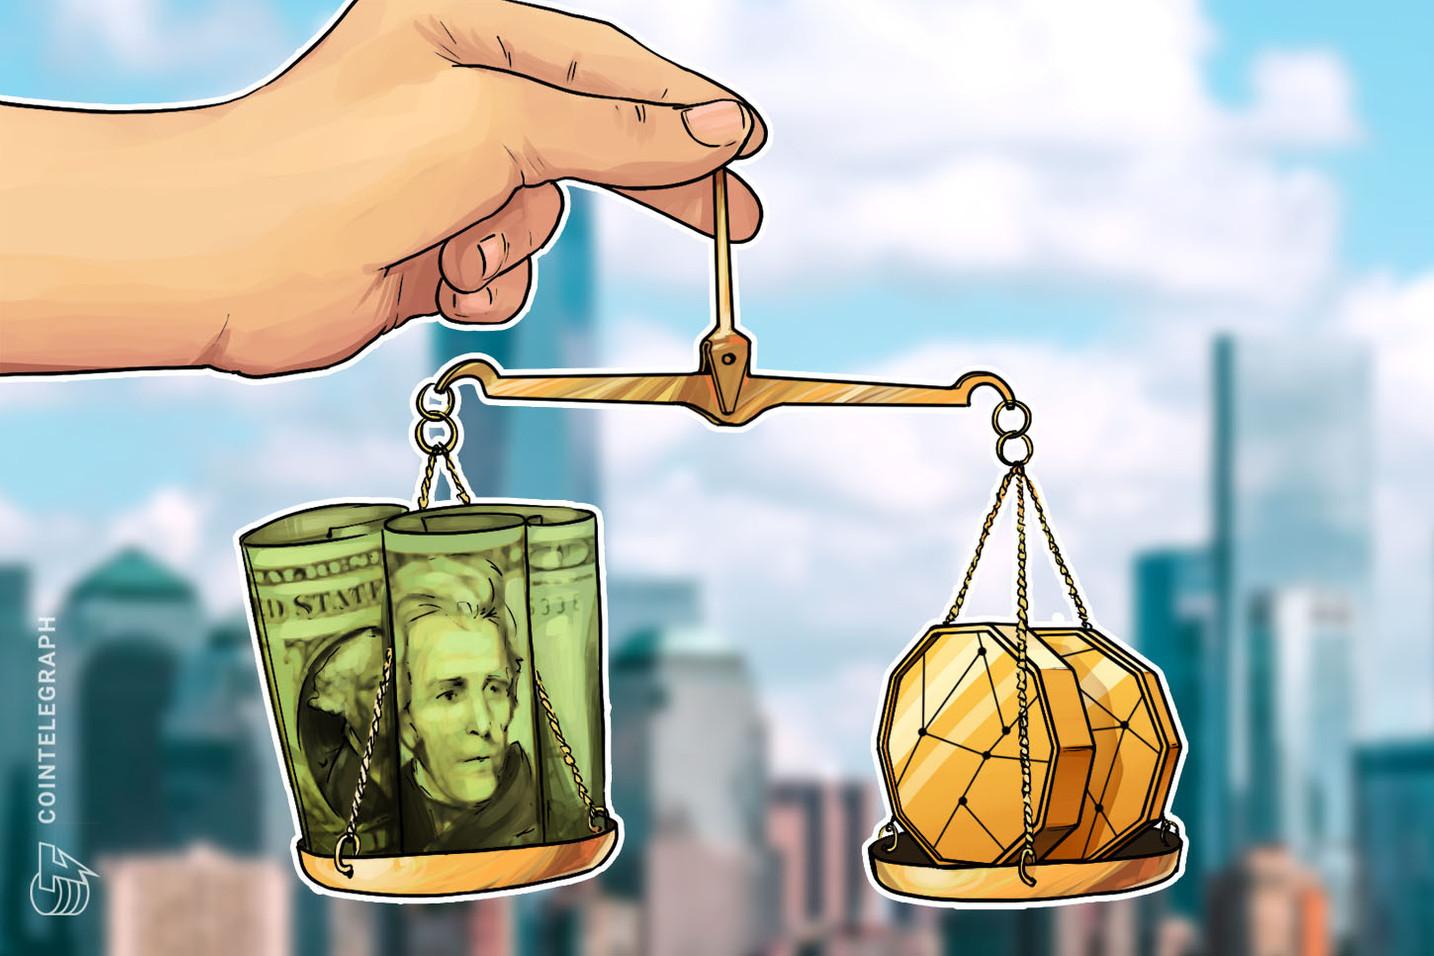 Congressista dos EUA alerta: 'Criptomoeda pode desbancar ou interferir no dólar'